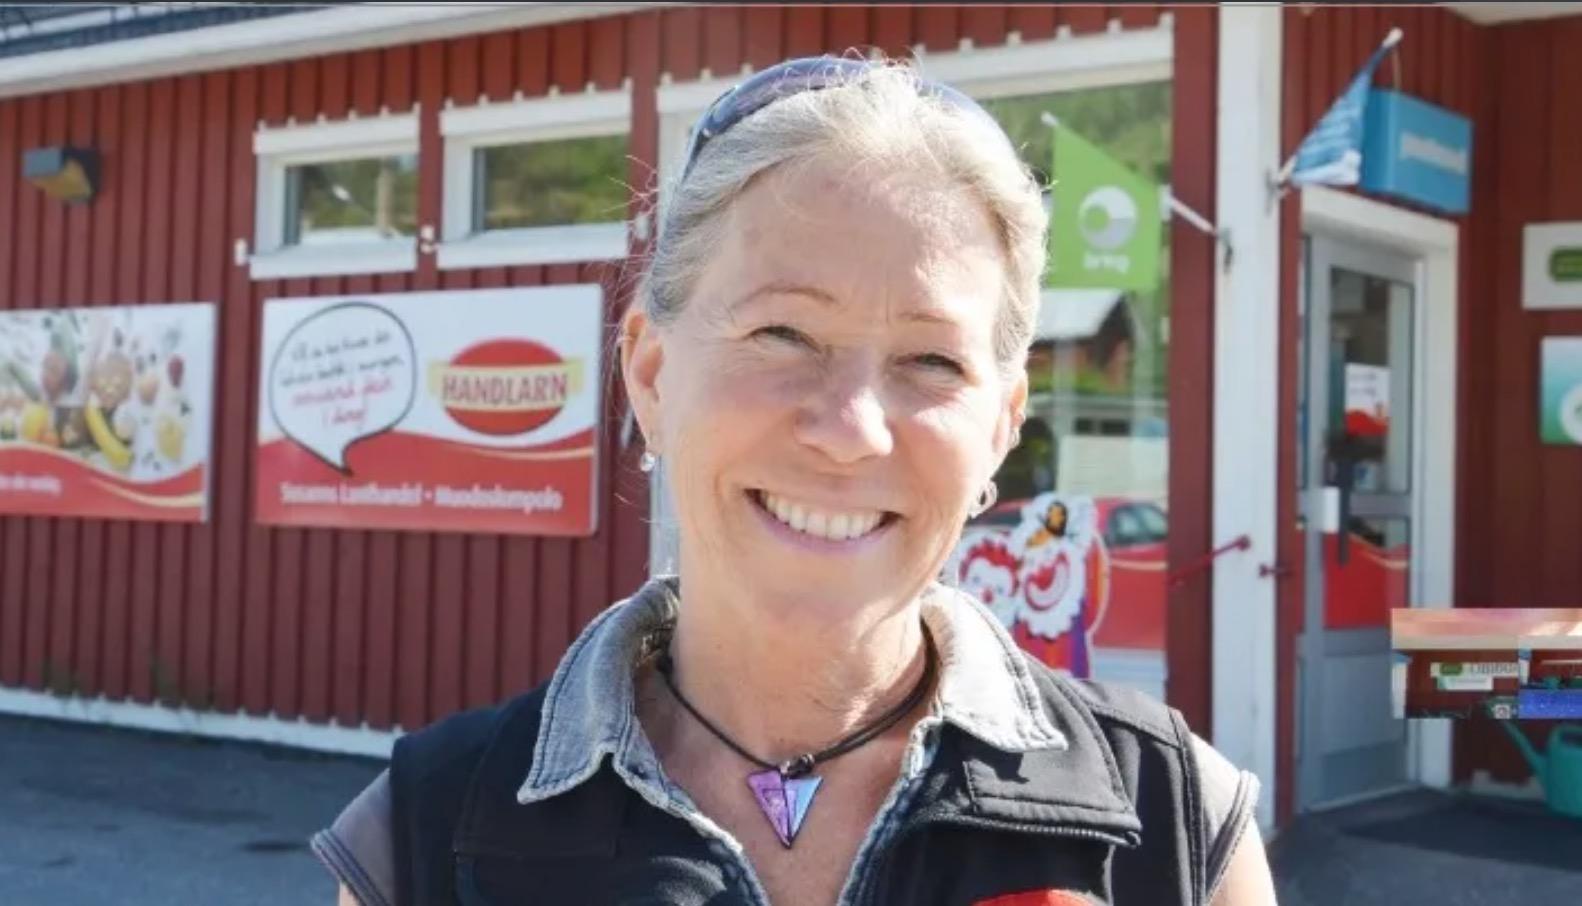 Susanne Svennemyr, som driver Handlar'n i Muodoslompolo, har visioner om att i samarbete med Pajala kommun få igång en digital hubb, en digital mötesplats i färdiga lokaler i byn. Foto: Hasse Mella Stenudd